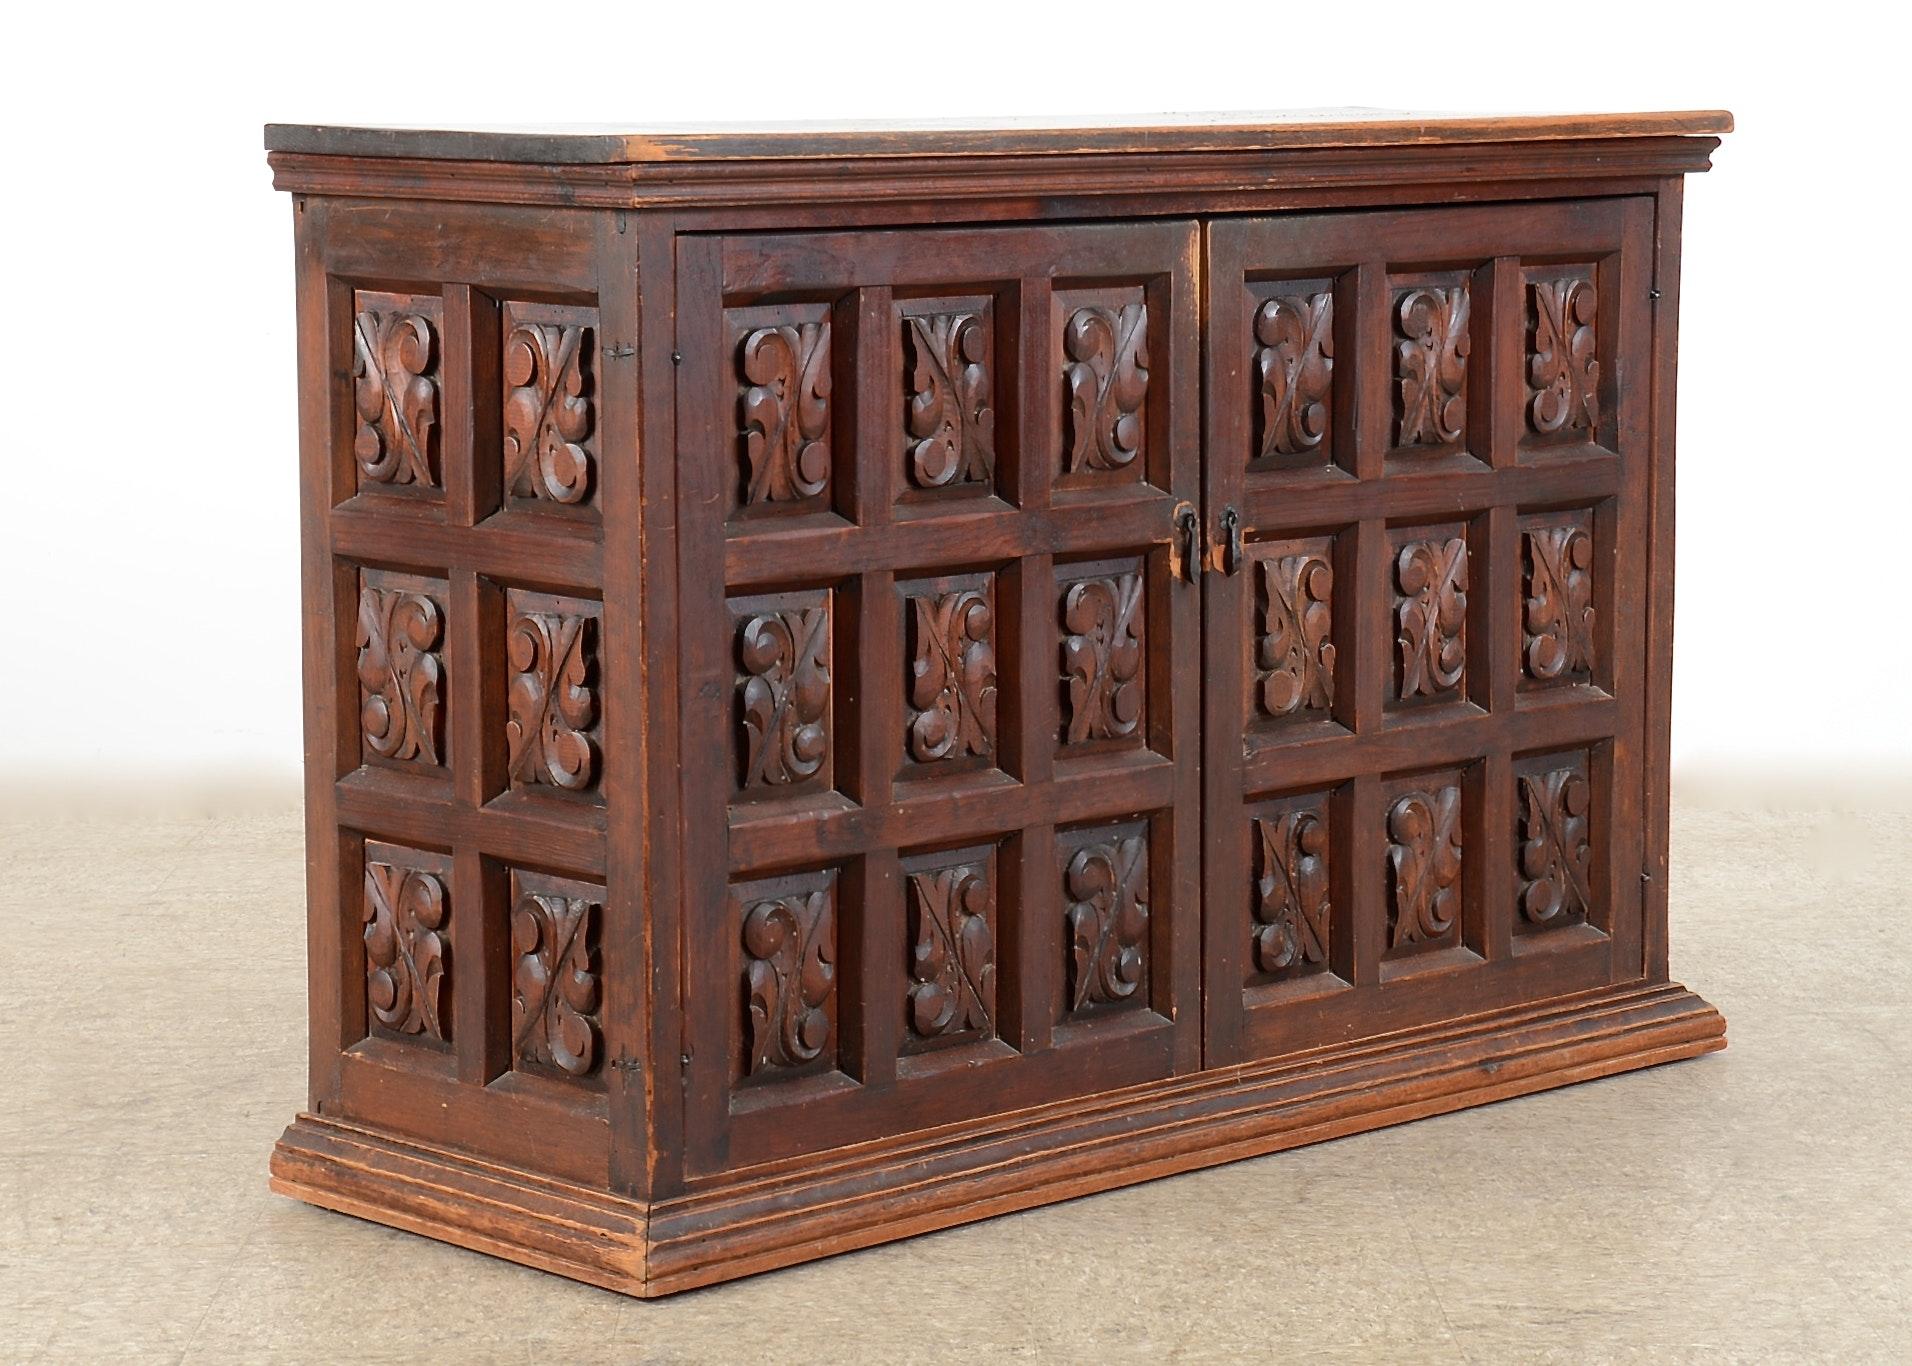 Primitive Antique Wooden Spinet Desk Ebth